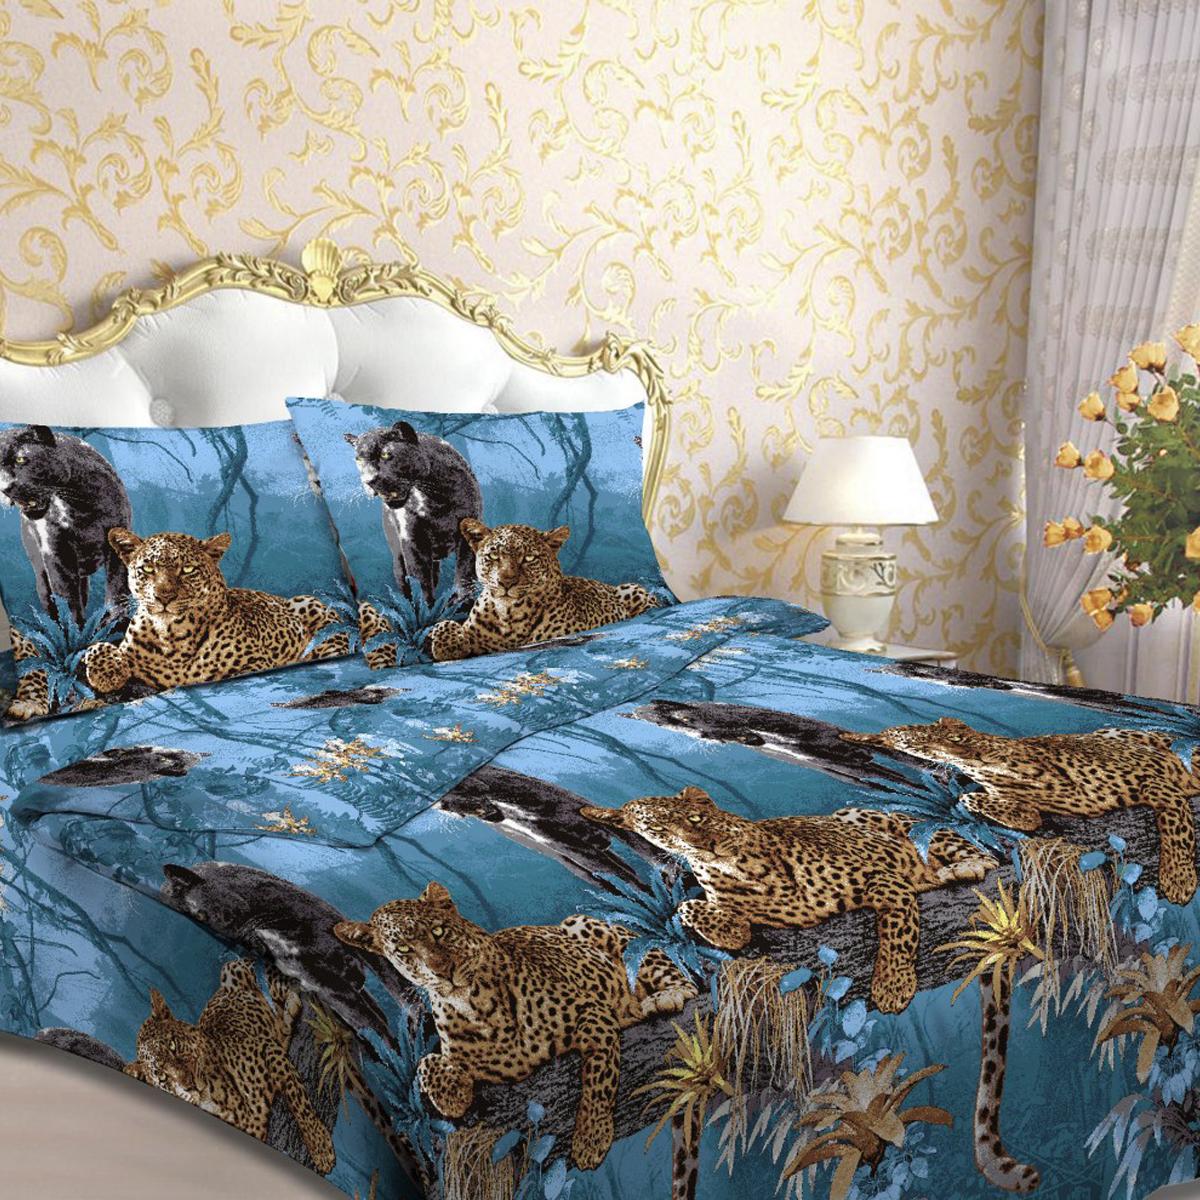 Комплект белья Letto Пантера и леопард, 2-спальный, наволочки 70х70, цвет: голубой, коричневый. В44-4В44-4Комплект постельного белья Letto Пантера и леопард выполнен из бязи (100% натурального хлопка). Комплект состоит из пододеяльника, простыни и двух наволочек. Пододеяльник имеет застежку-молнию. Постельное белье оформлено ярким красочным рисунком. Гладкая структура делает ткань приятной на ощупь, мягкой и нежной, при этом она прочная и хорошо сохраняет форму. Ткань легко гладится. Благодаря такому комплекту постельного белья вы сможете создать атмосферу роскоши и романтики в вашей спальне.